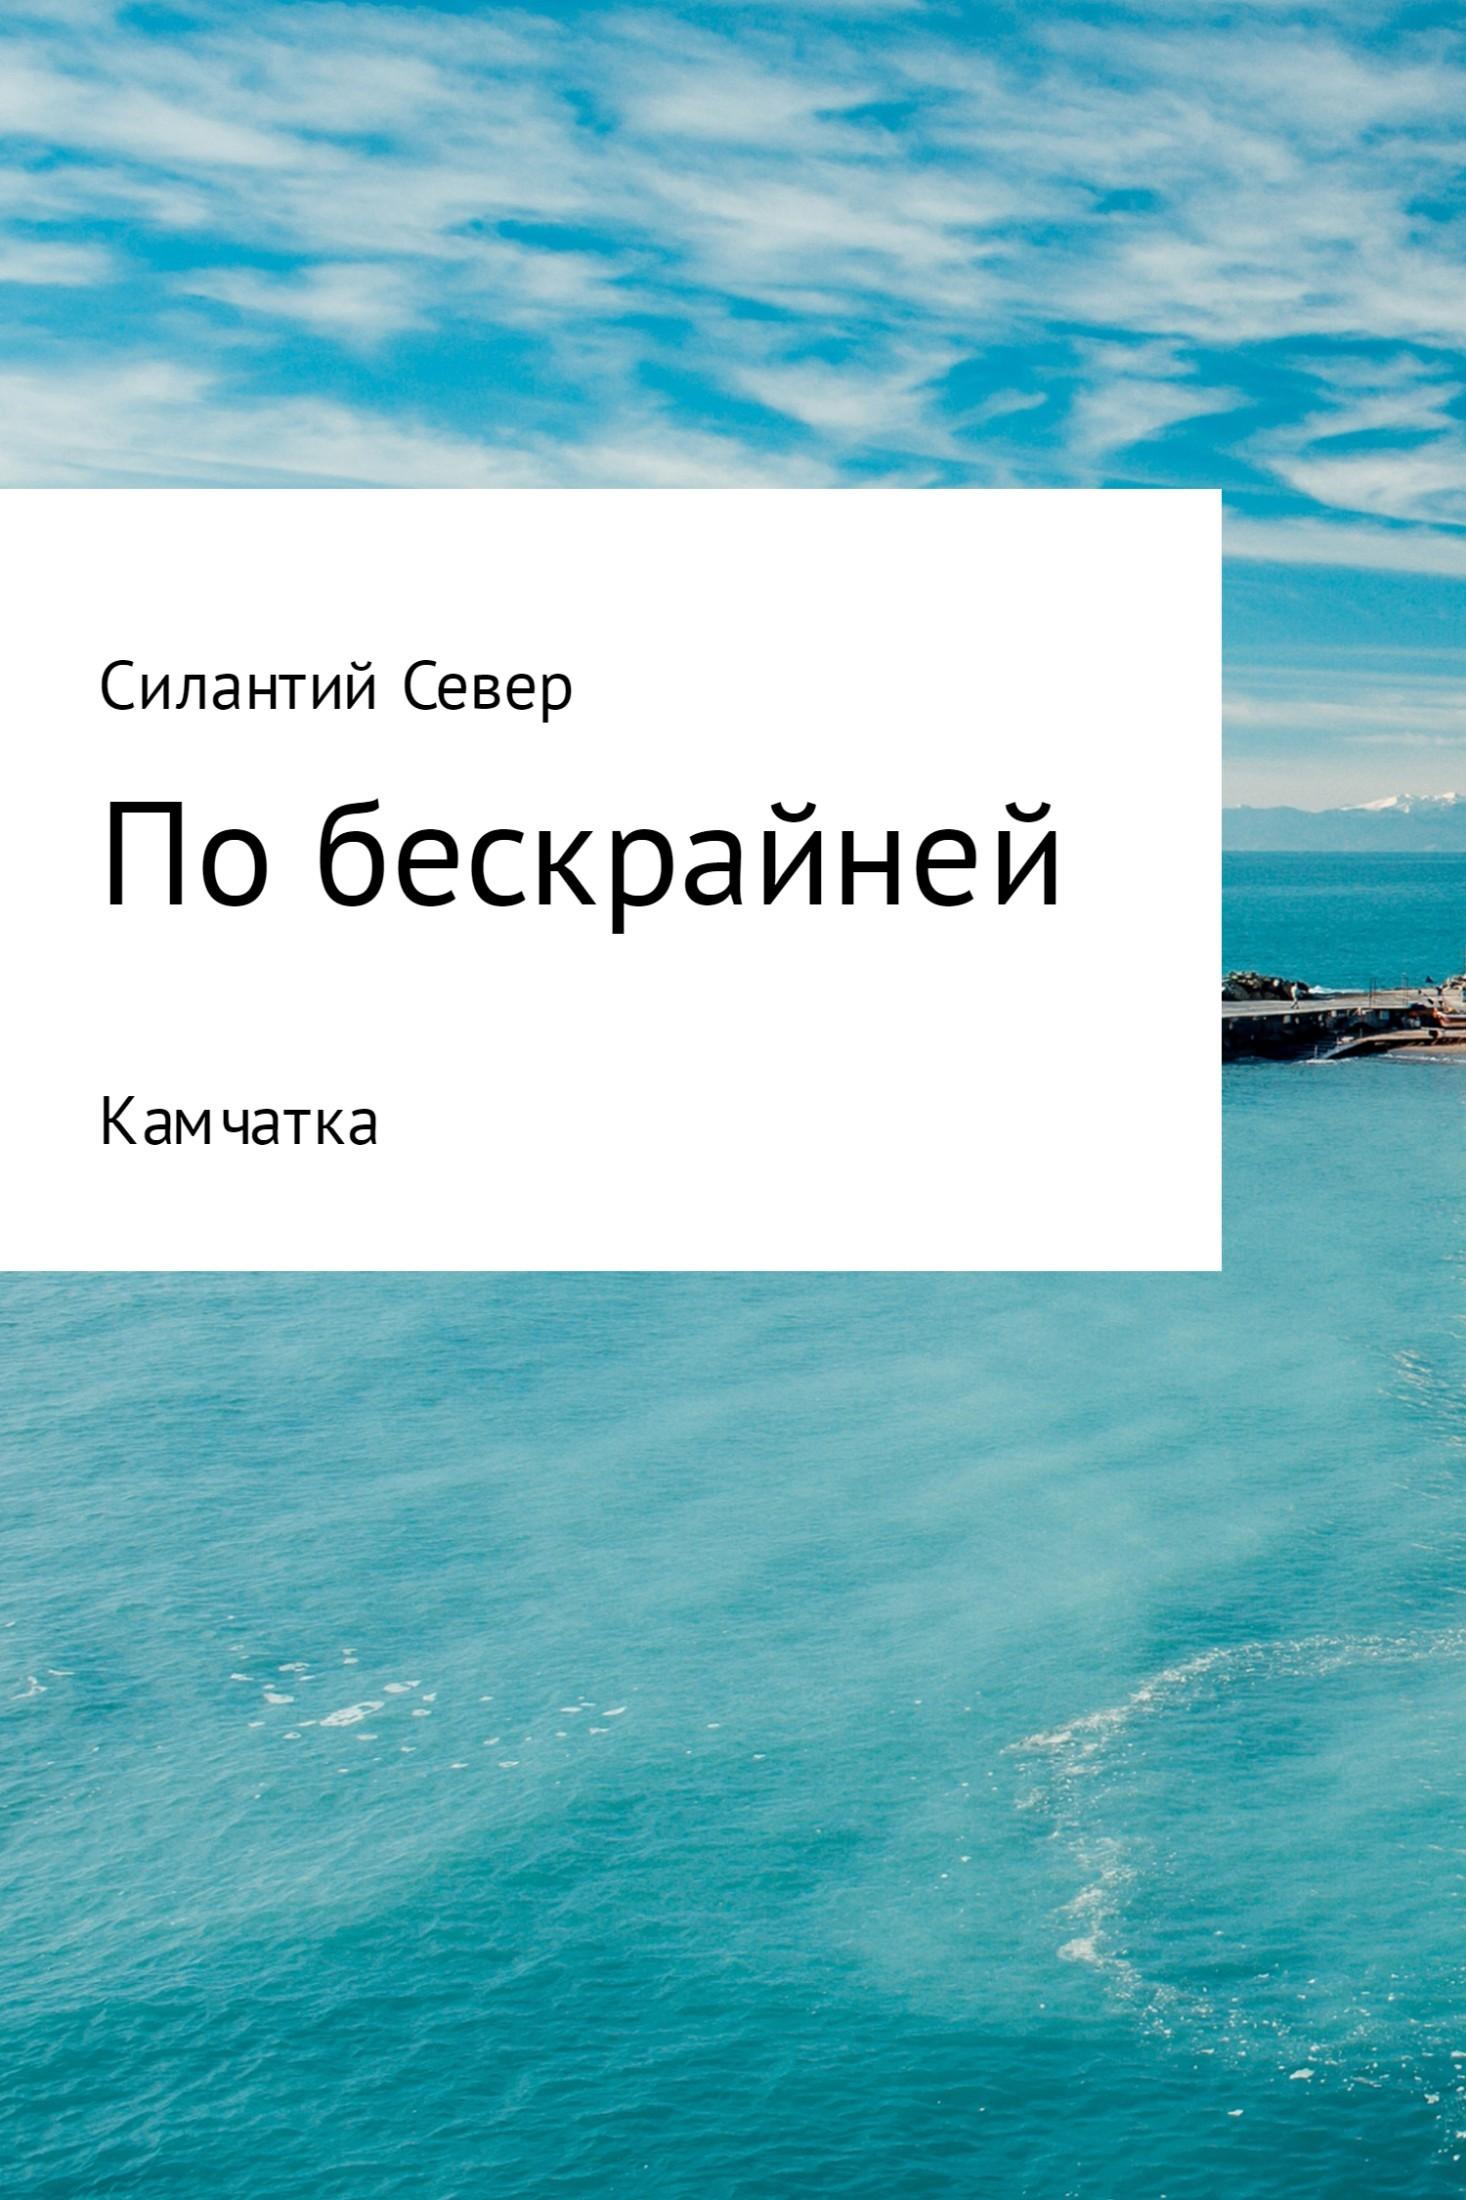 Силантий Север бесплатно